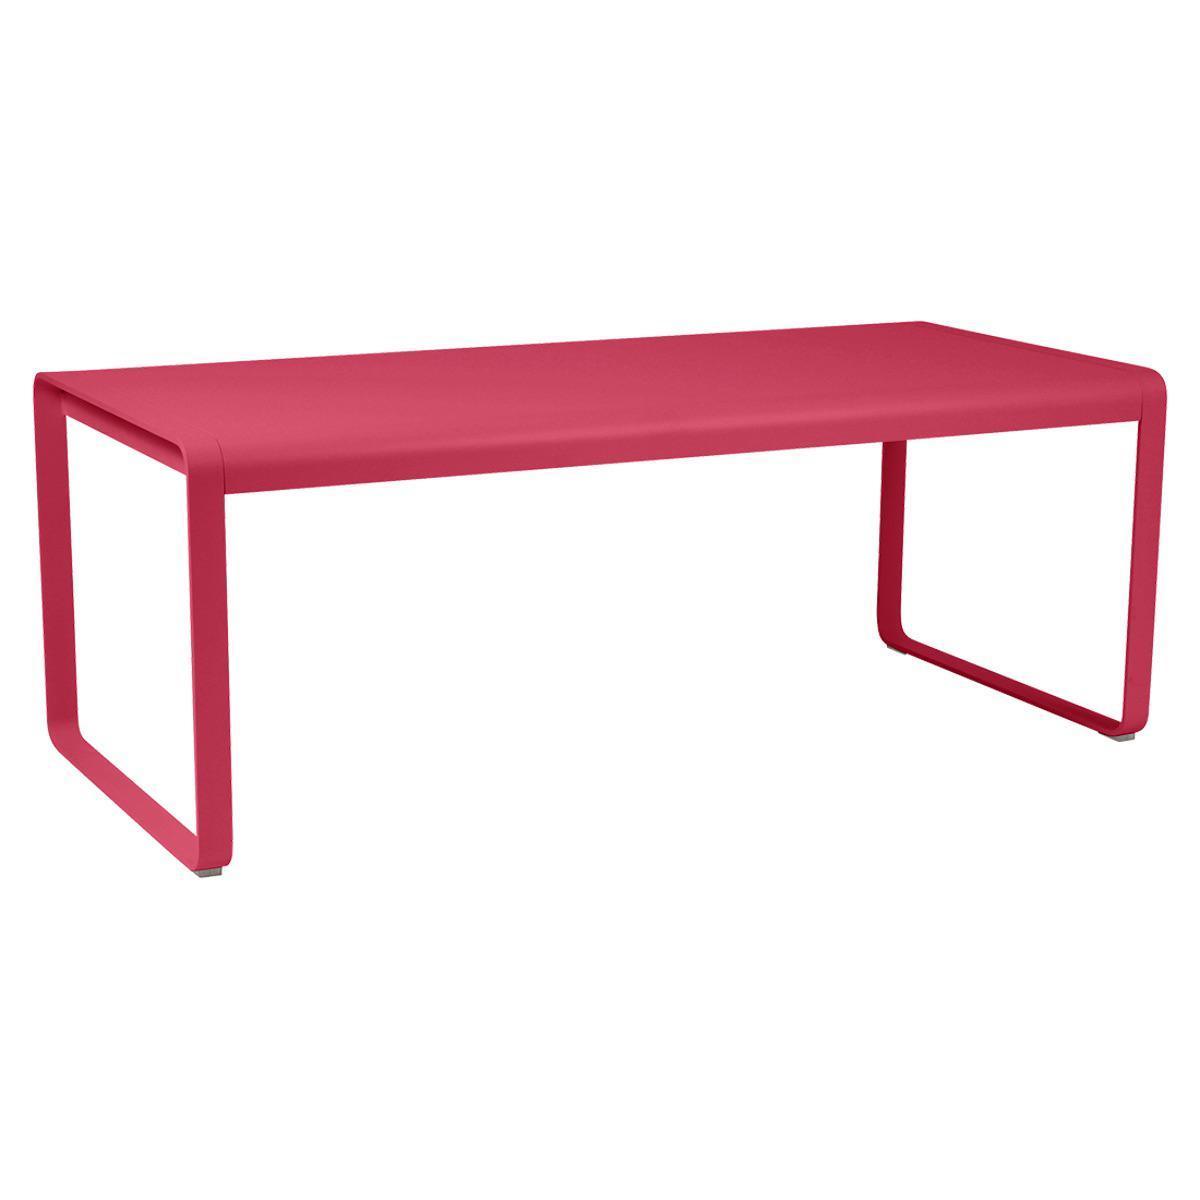 Table 90x196cm BELLEVIE PREMIUM Fermob rose praline